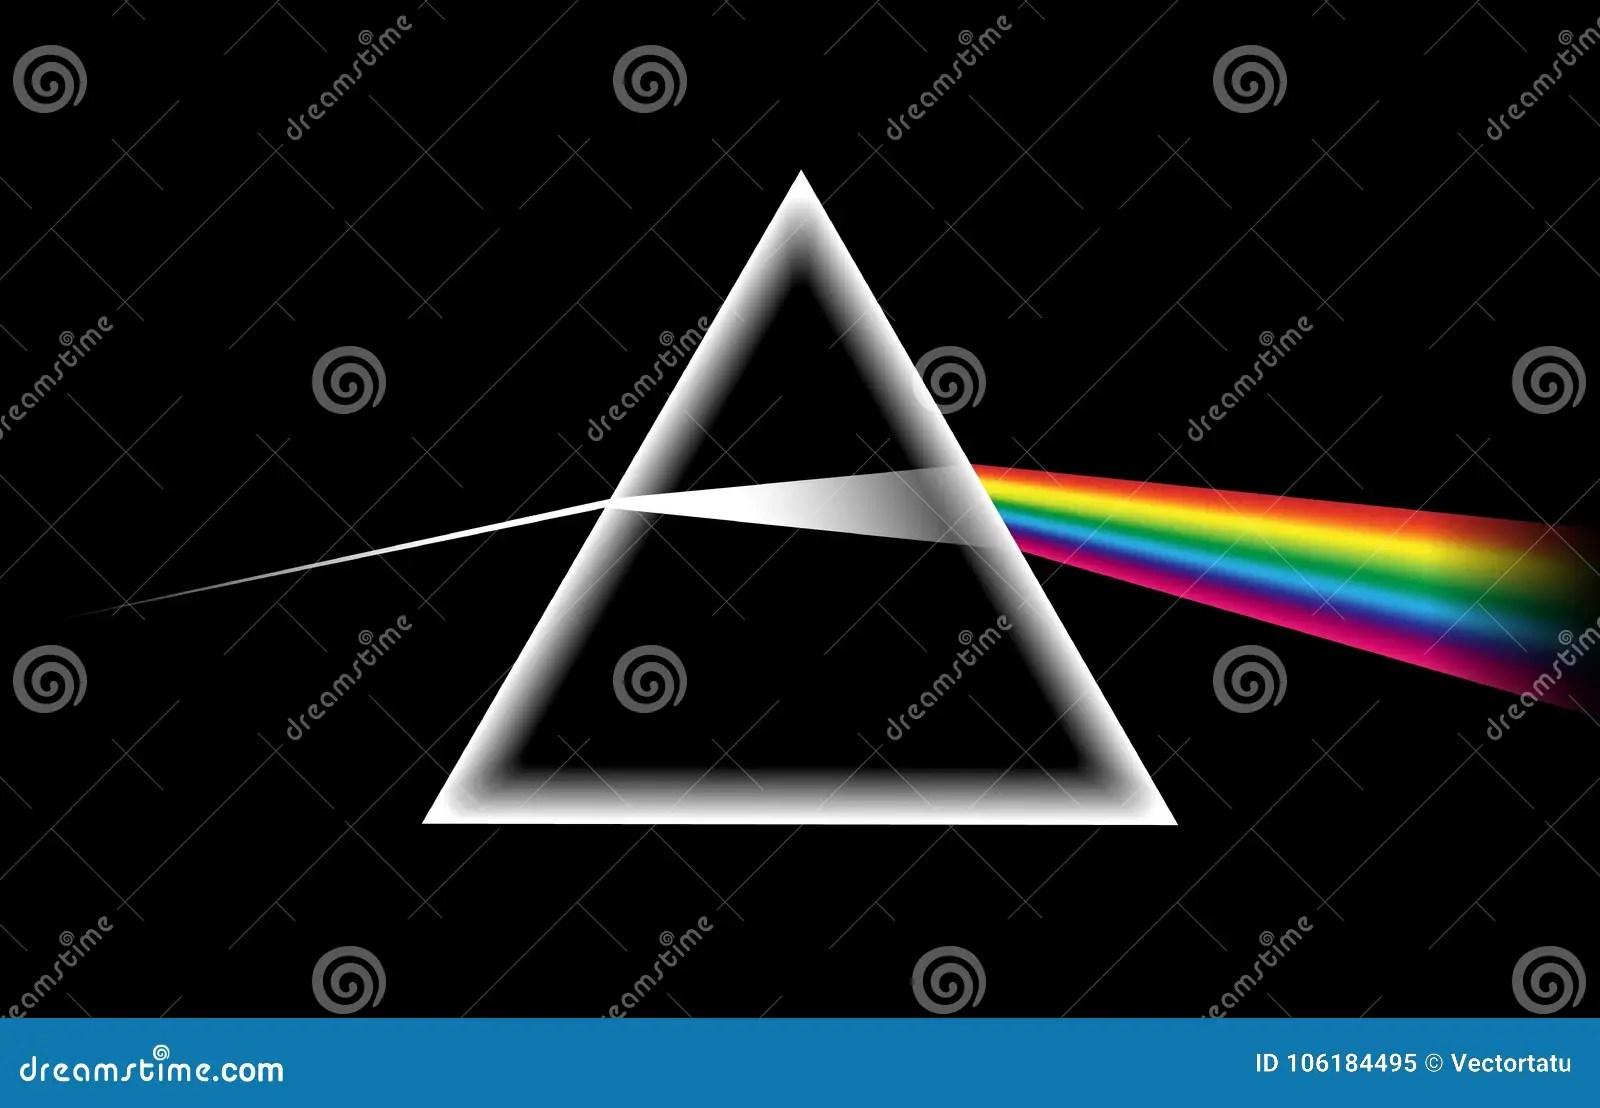 Prism Stock Illustrations 8 272 Prism Stock Illustrations Vectors Amp Clipart